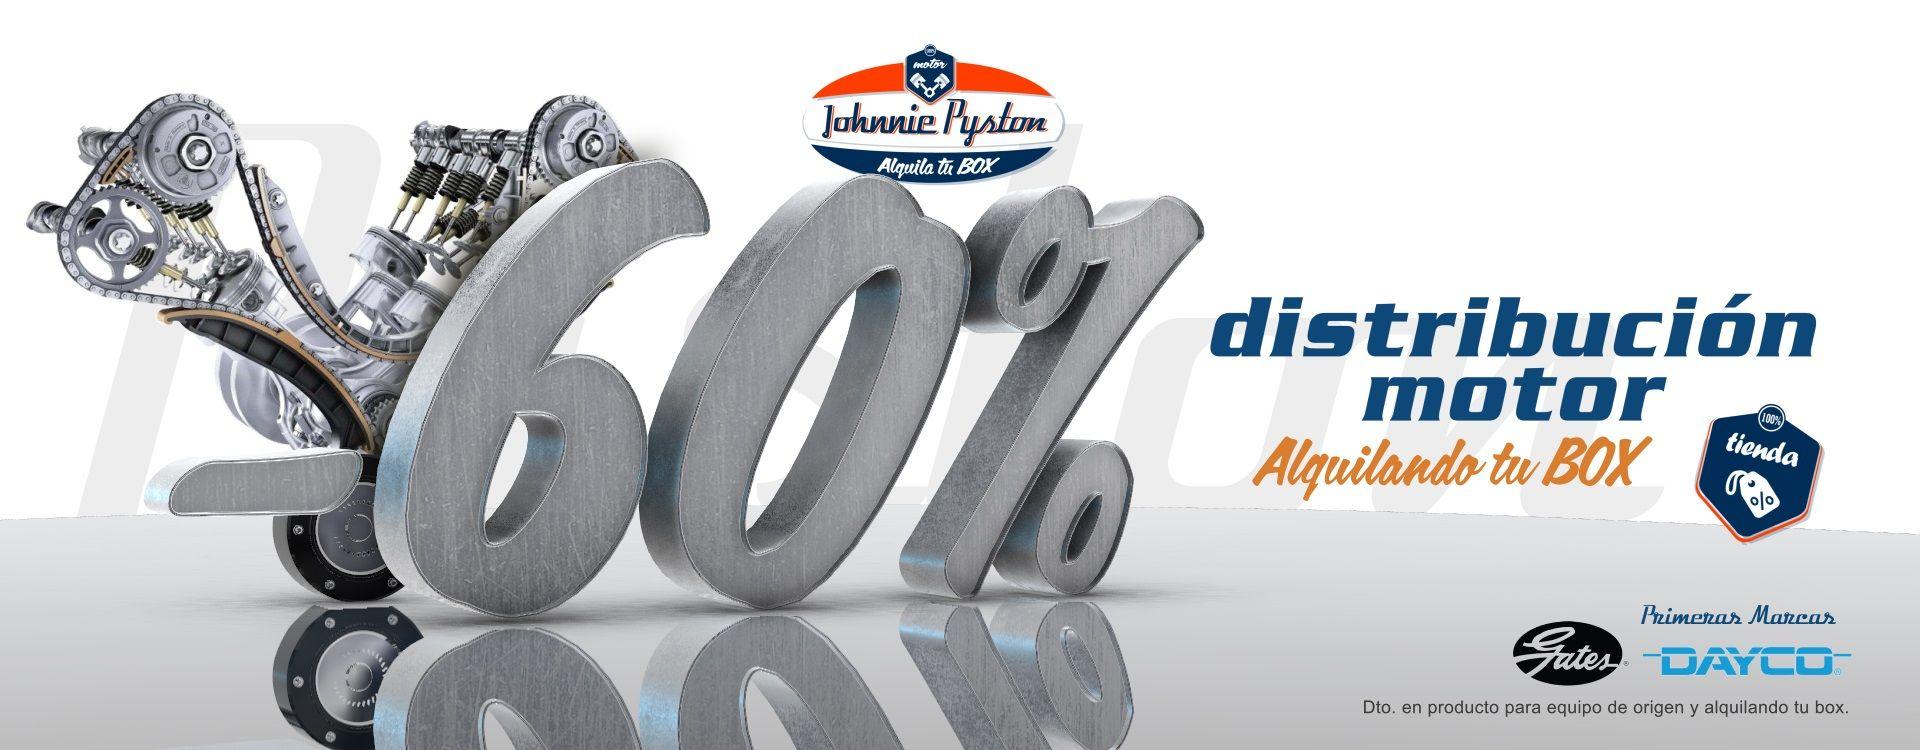 Discos, pastillas y amortiguadores al 60% de descuento en Johnnie Pyston